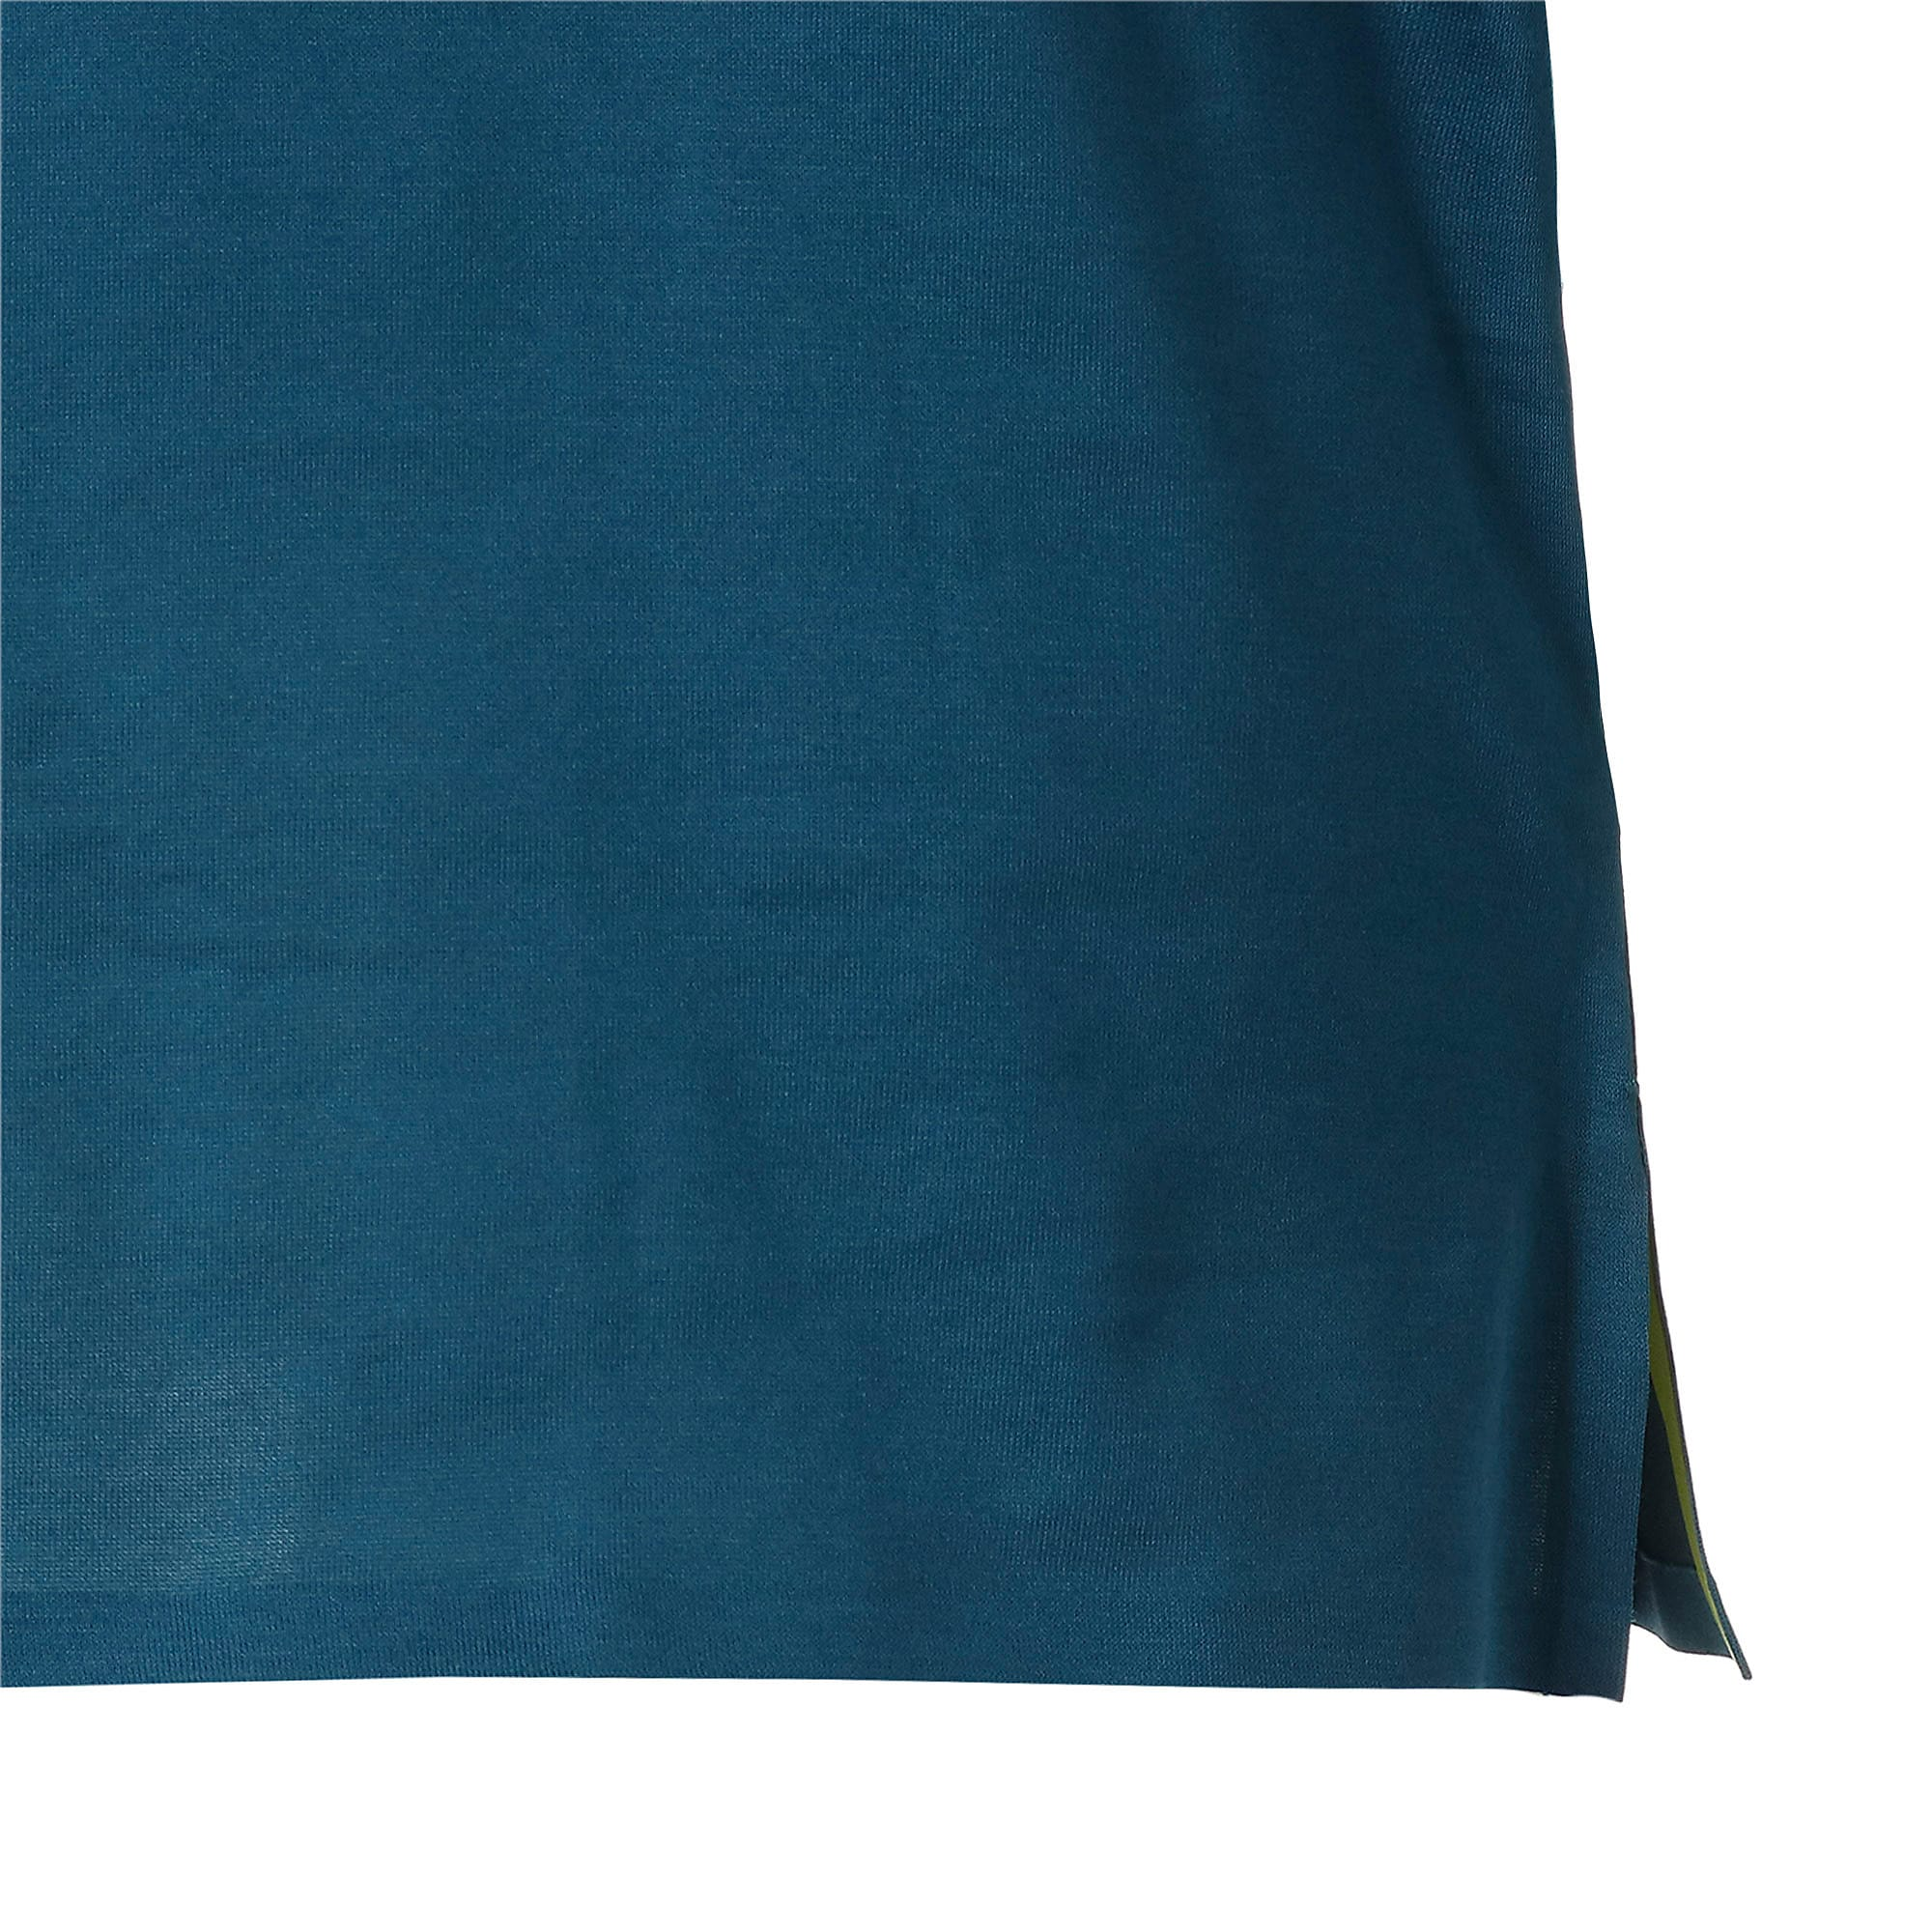 Thumbnail 9 of M ポルシェデザイン PD グラフィック Tシャツ, Moroccan Blue, medium-JPN